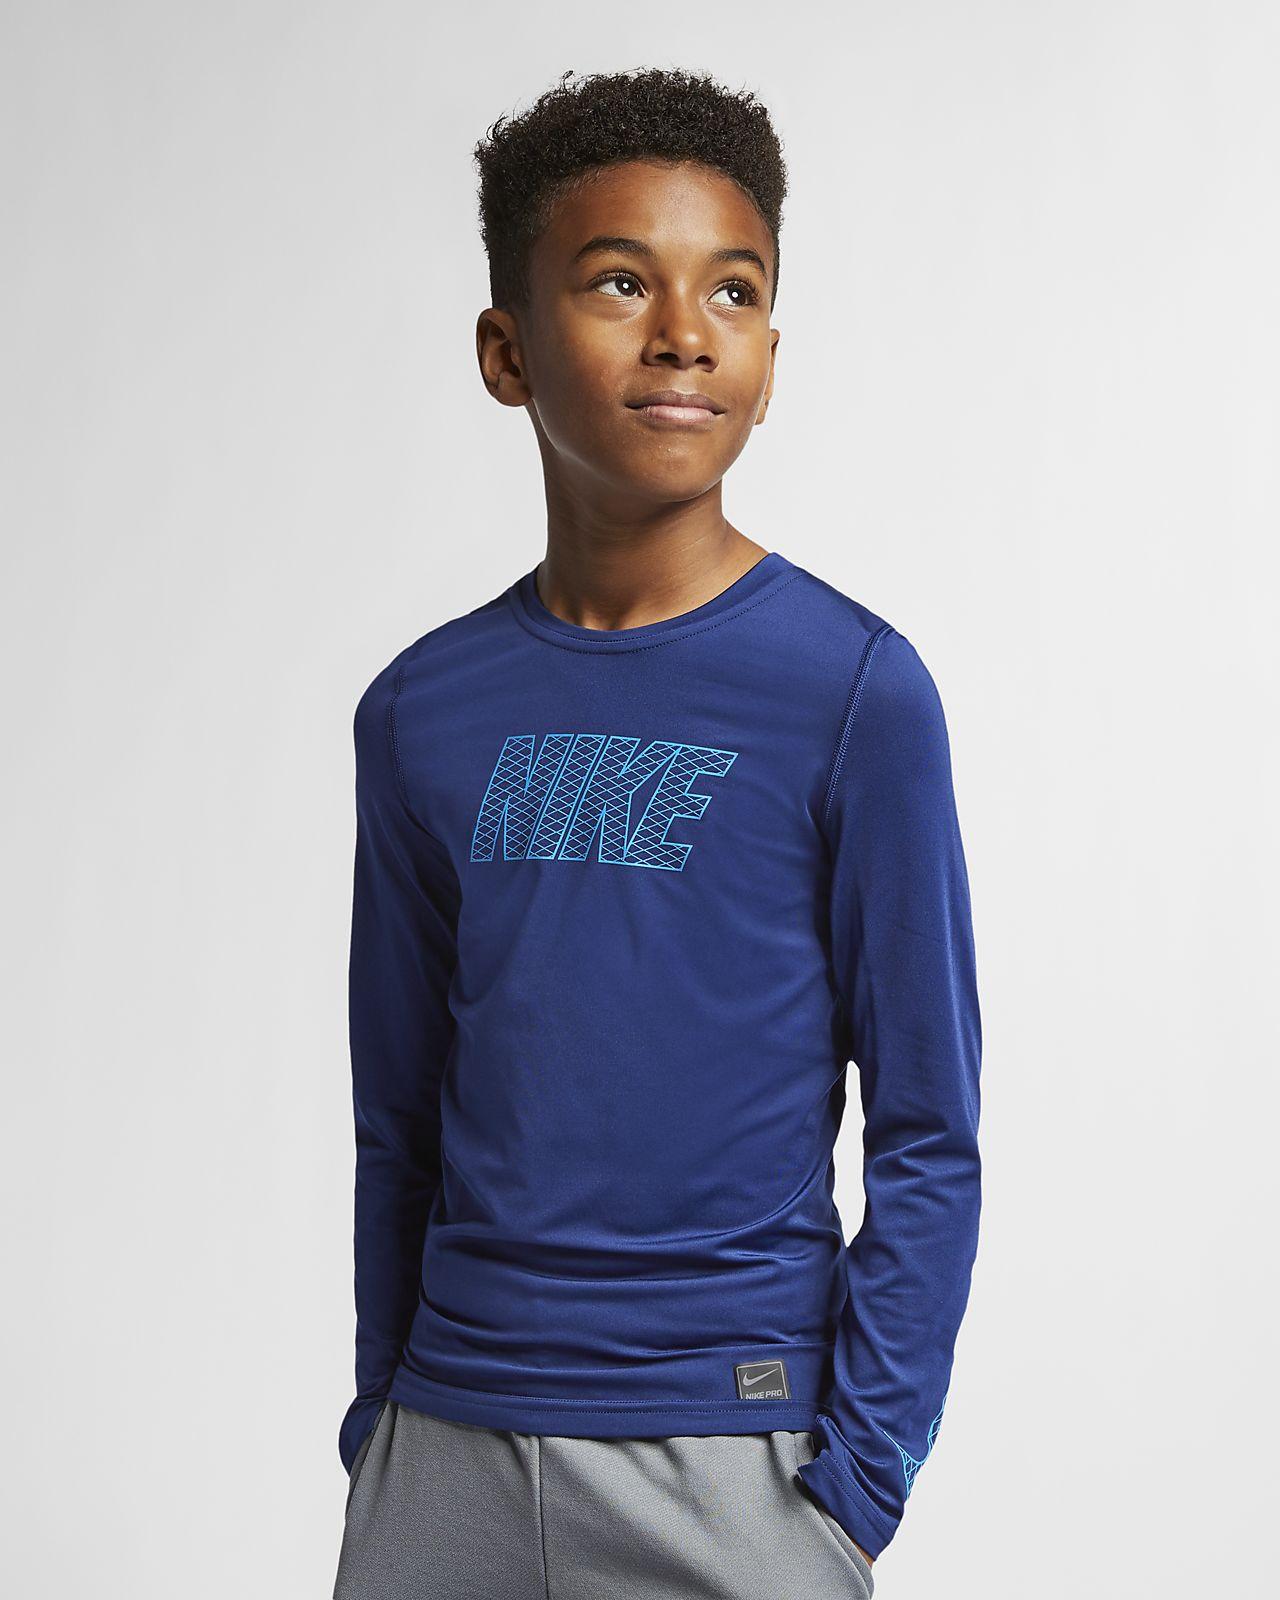 Футболка для тренинга с длинным рукавом для мальчиков школьного возраста Nike Pro